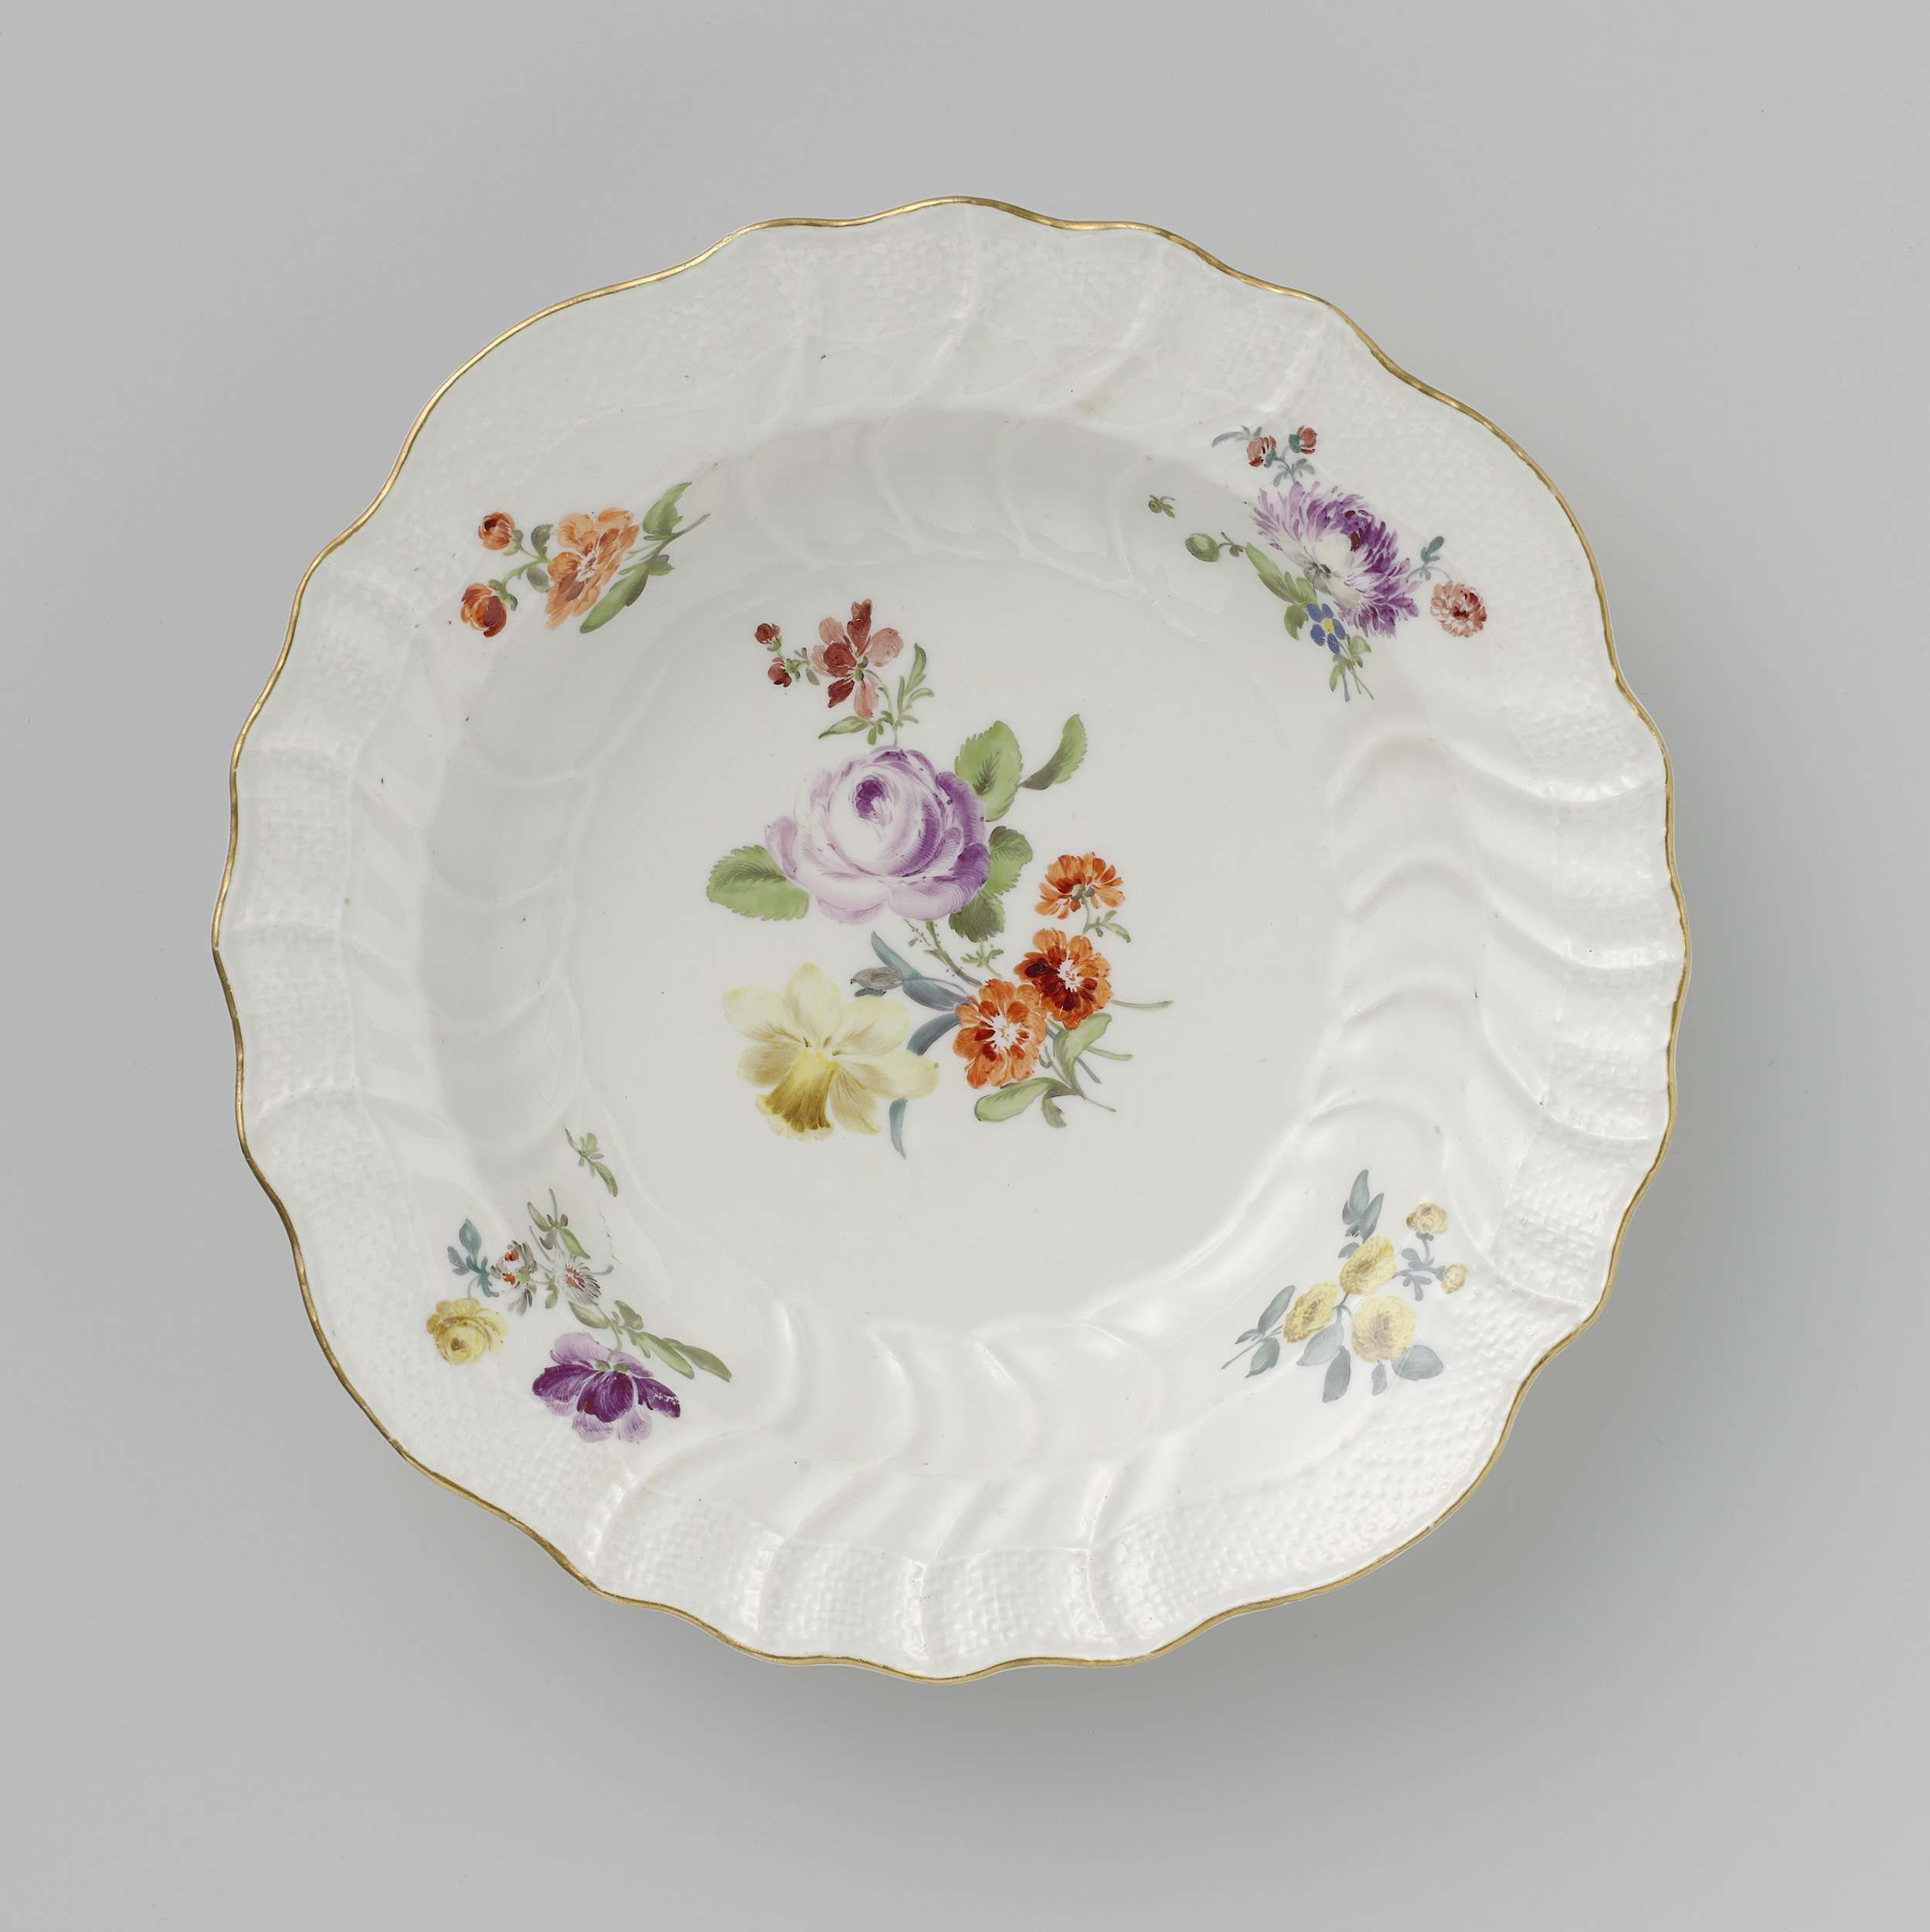 Meissener Porzellan Manufaktur | Bord, veelkleurig beschilderd met Deutsche Blumen, insekten en vruchten, Meissener Porzellan Manufaktur, c. 1750 - c. 1760 | Rond soepbord van beschilderd porselein. Het bord is beschilderd met Deutsche Blumen, insekten en vruchten. De rand is in reliëf versierd met het Neuozier-patroon. Het bord is gemerkt en hoort bij een servies (BK-17474-1 t/m BK-17474-253).